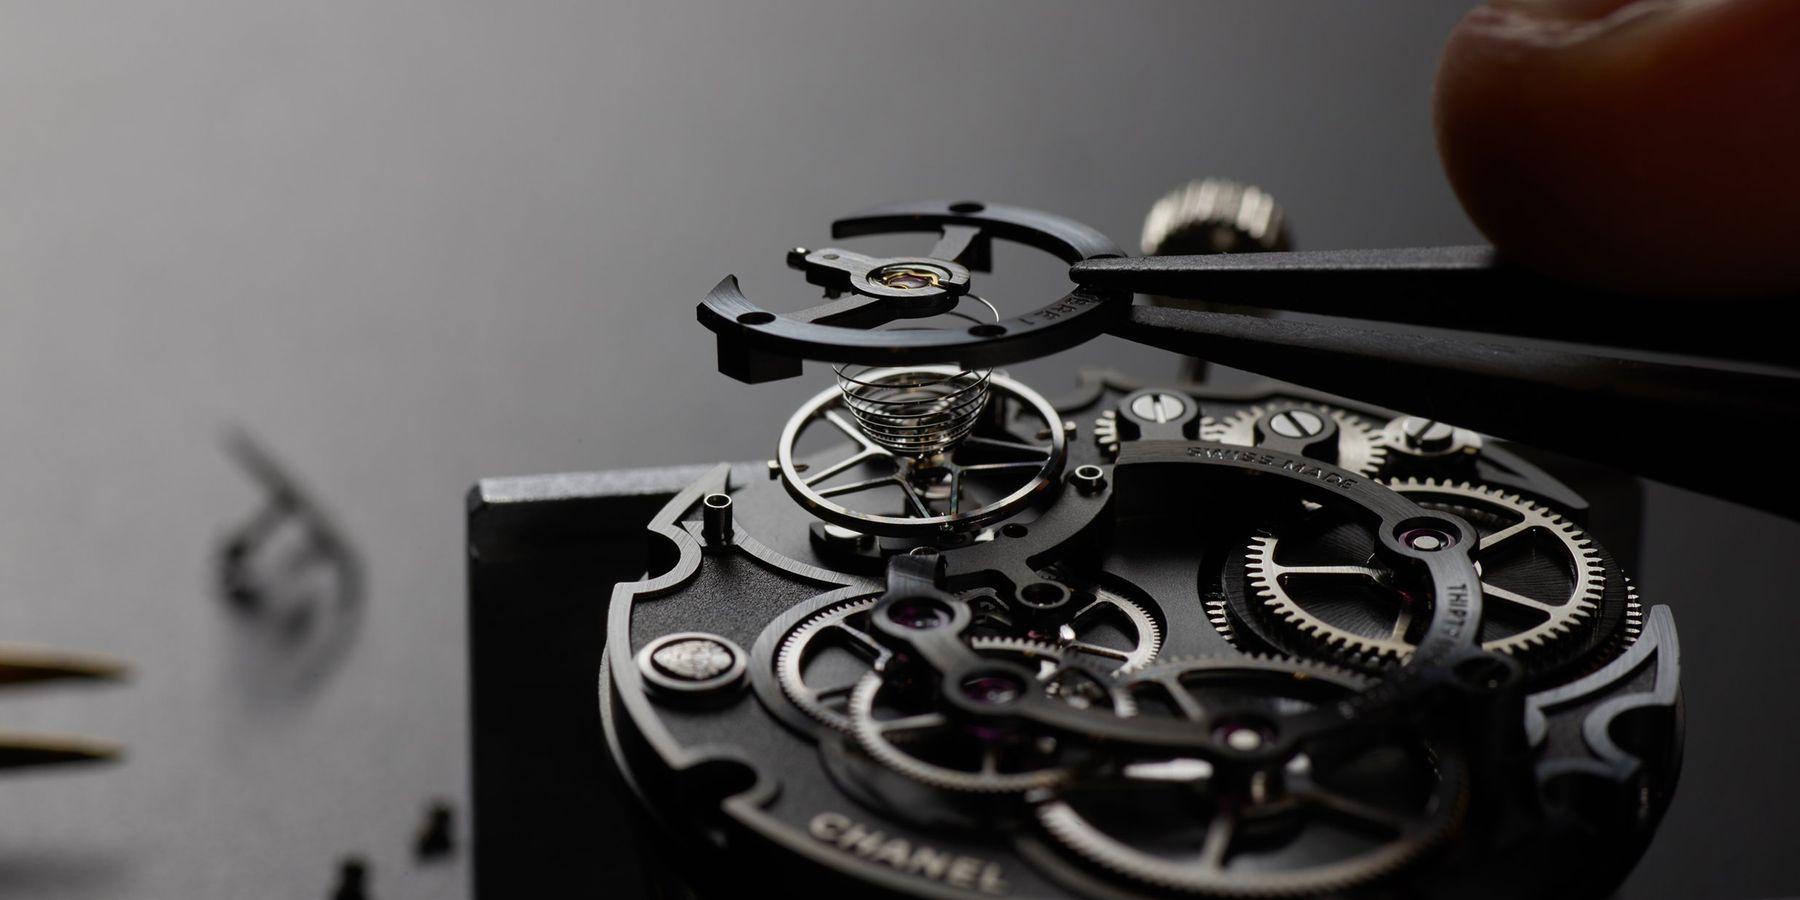 CHANEL突破框架的時刻(三):高級製錶的驕傲